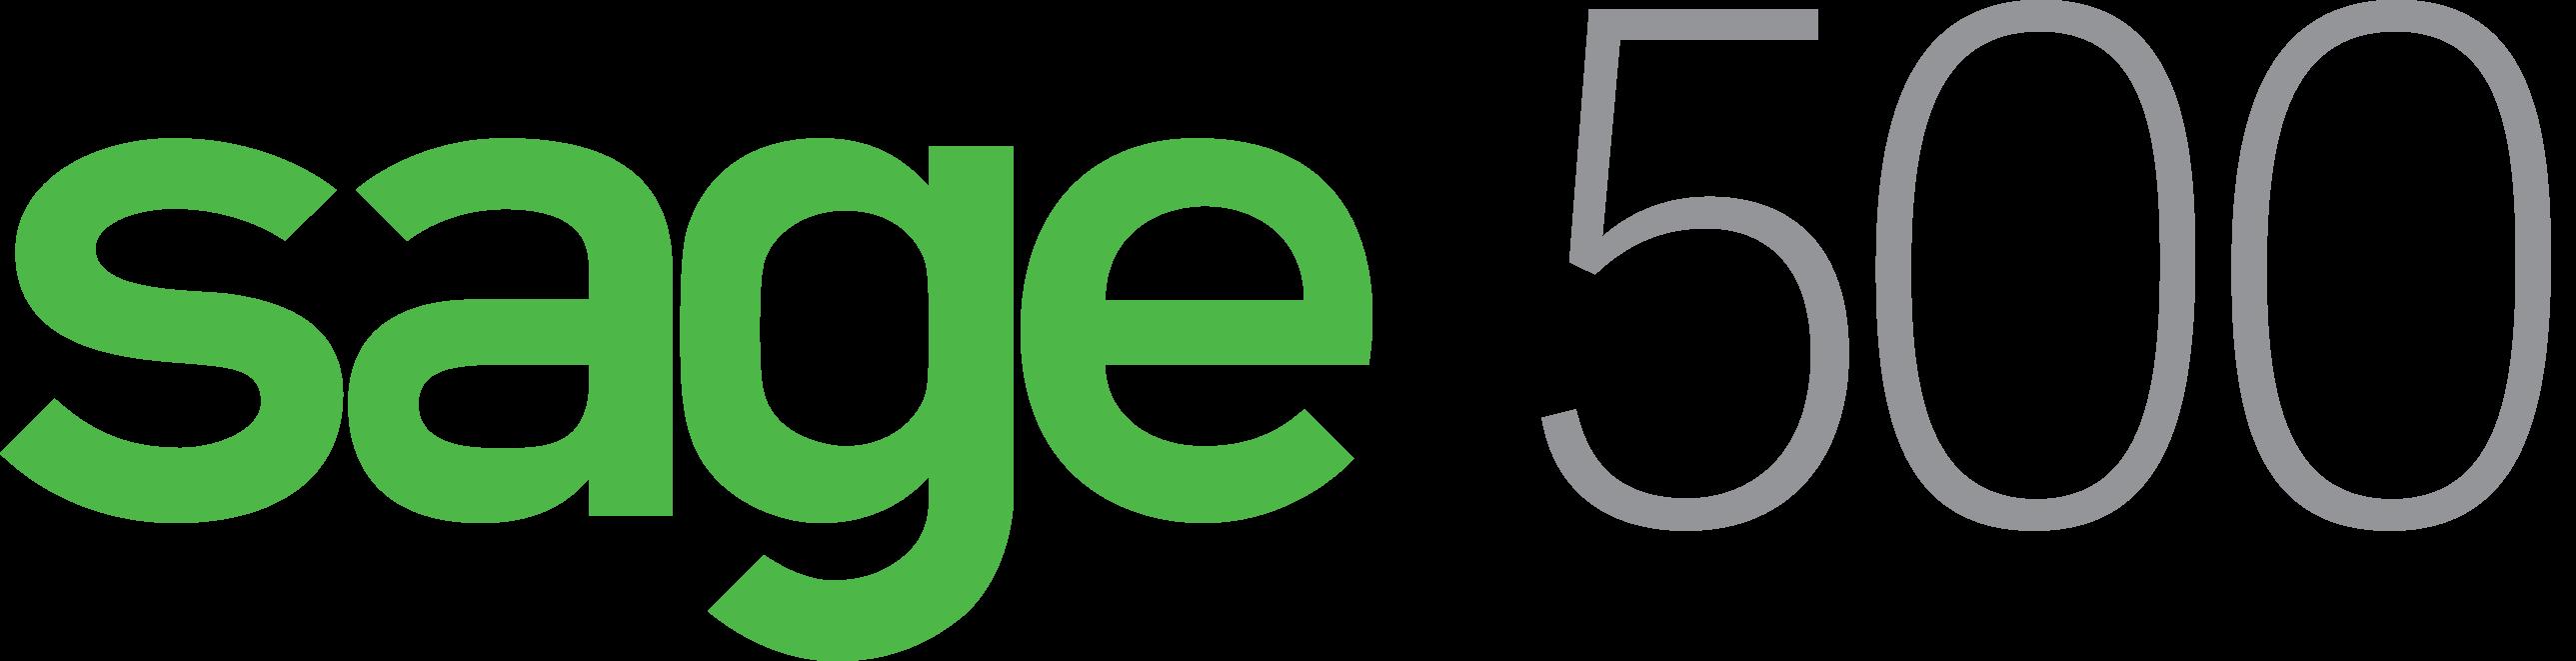 Sage 500 cloud hosting